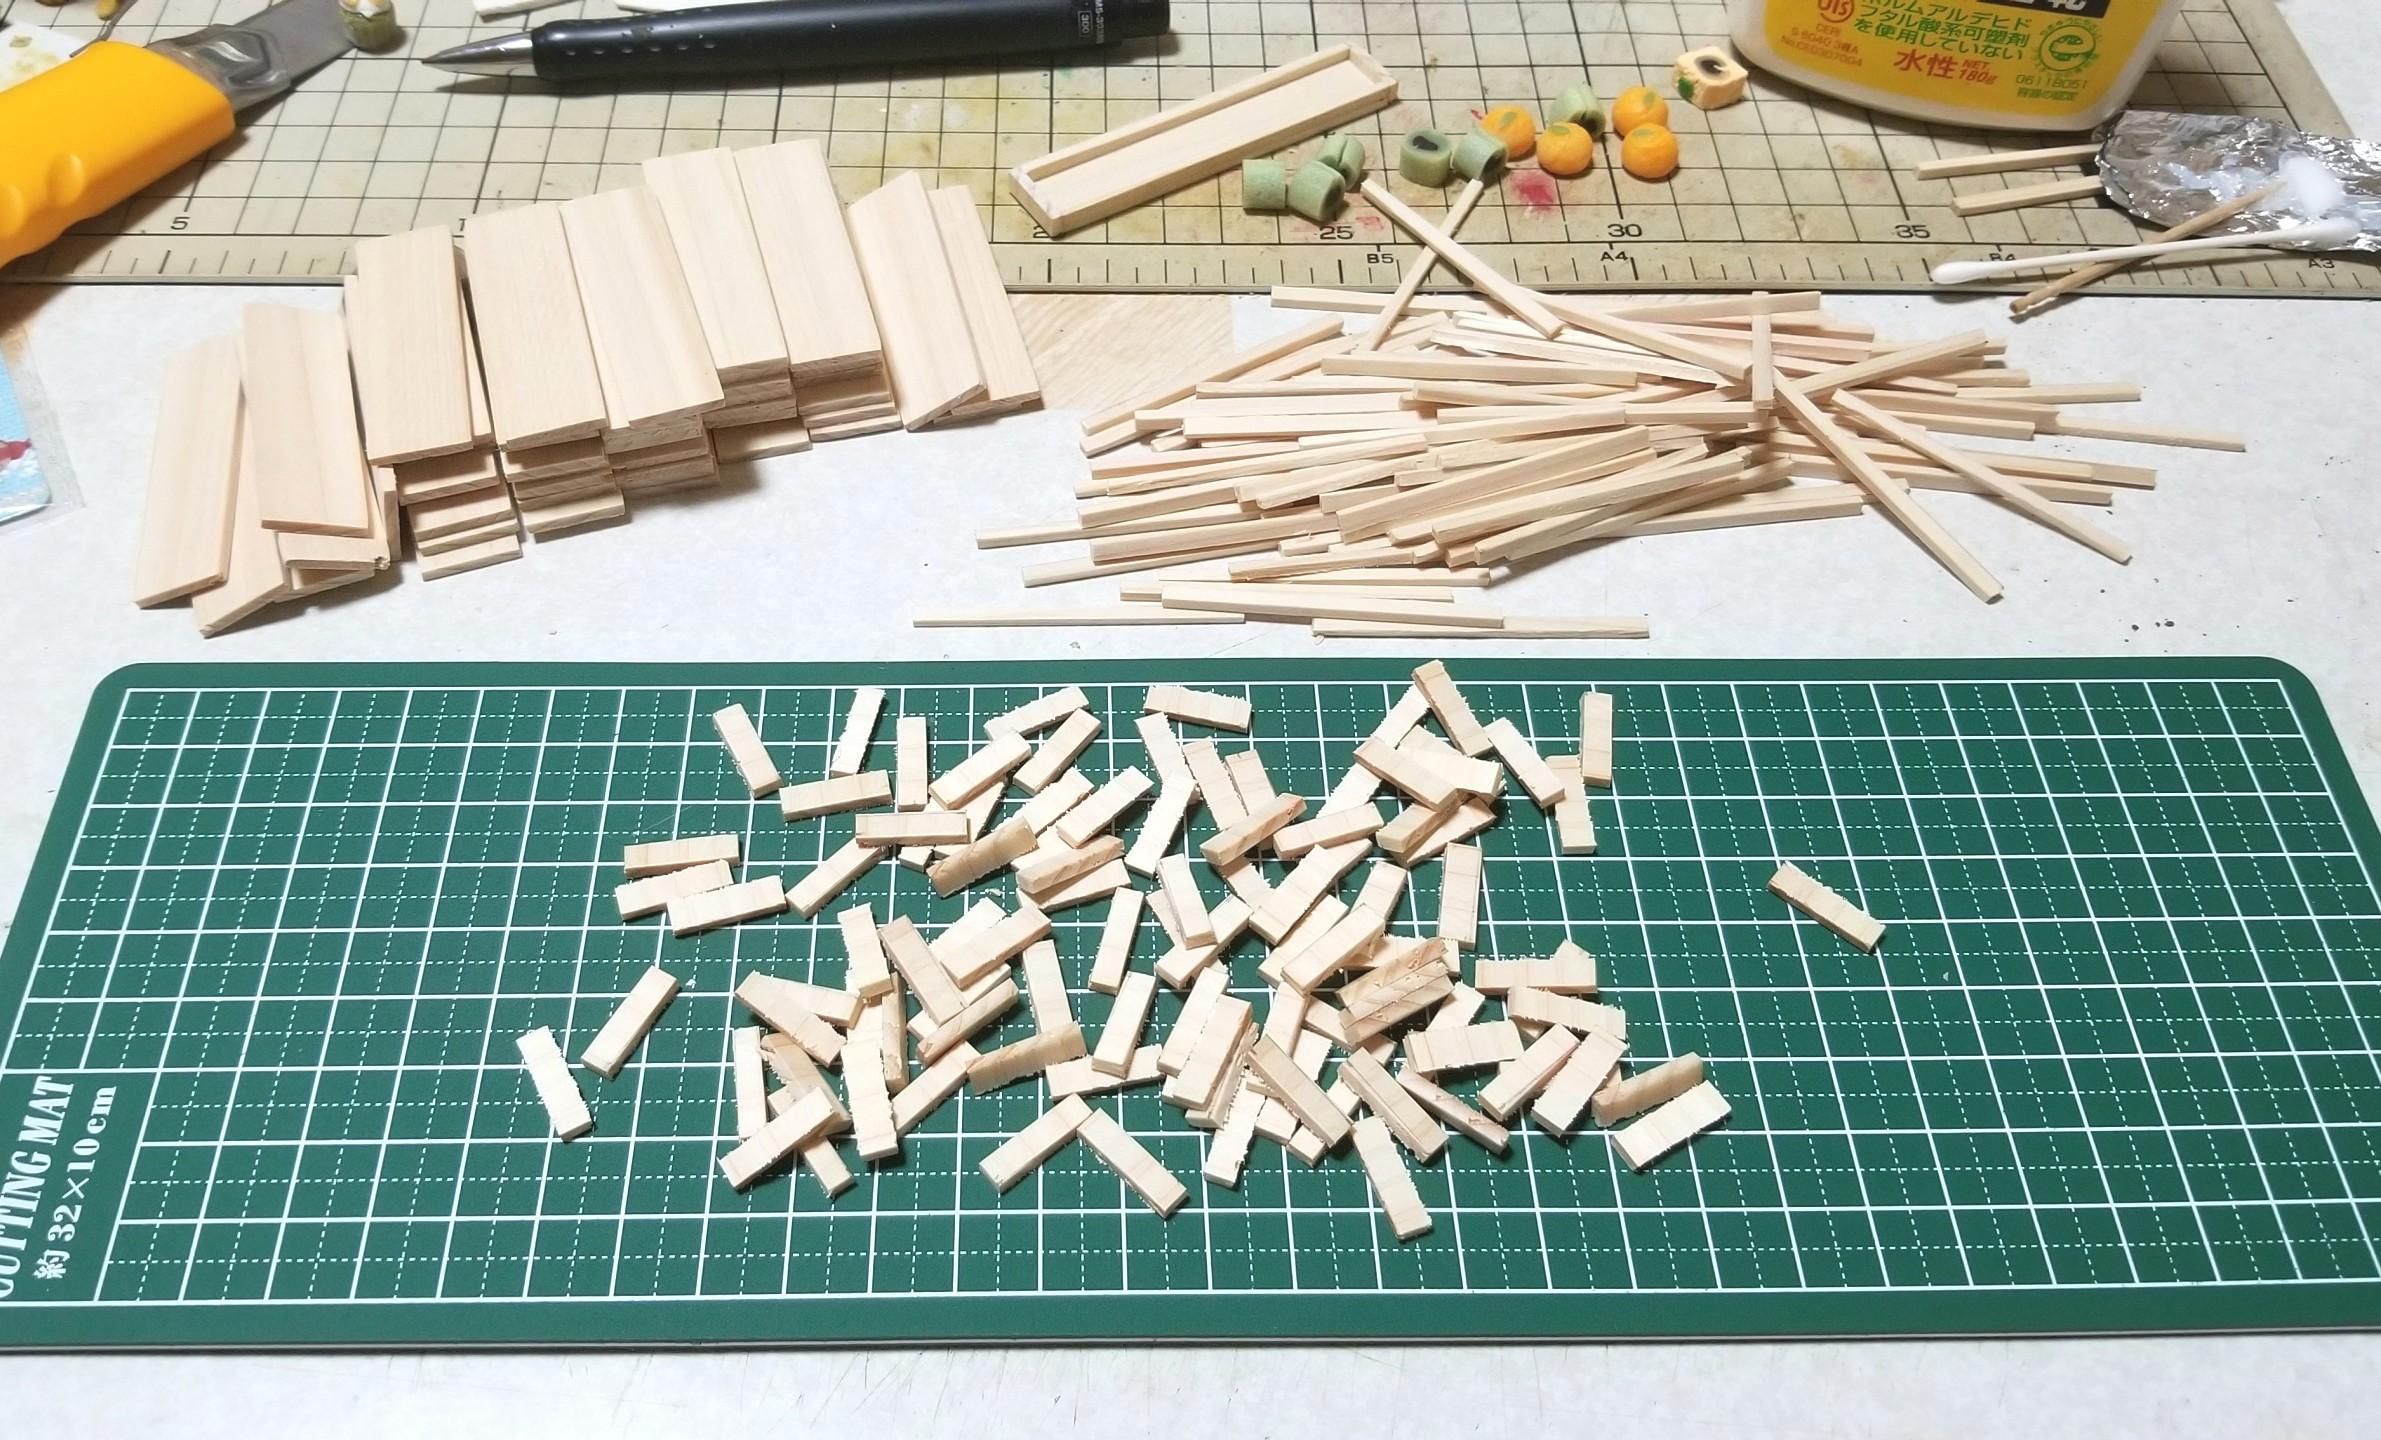 ミニチュア,木工作業,木製トレー,箱,作り方,ヒノキ,桧,ドールハウス